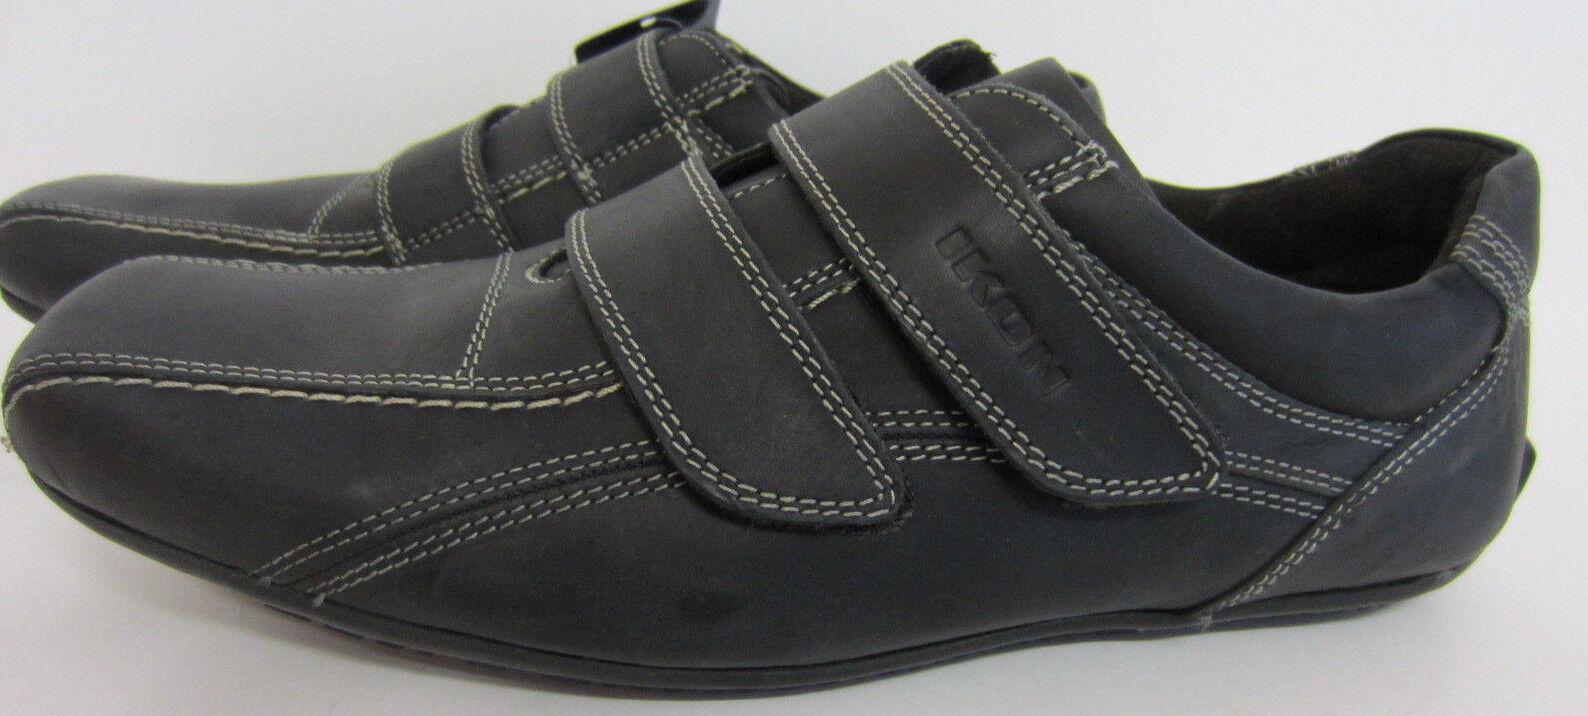 IKON Armstrong ciré cuir vachette uk6x10 noir intelligent Baskets ik211 uk6x10 vachette eu40x44 839538